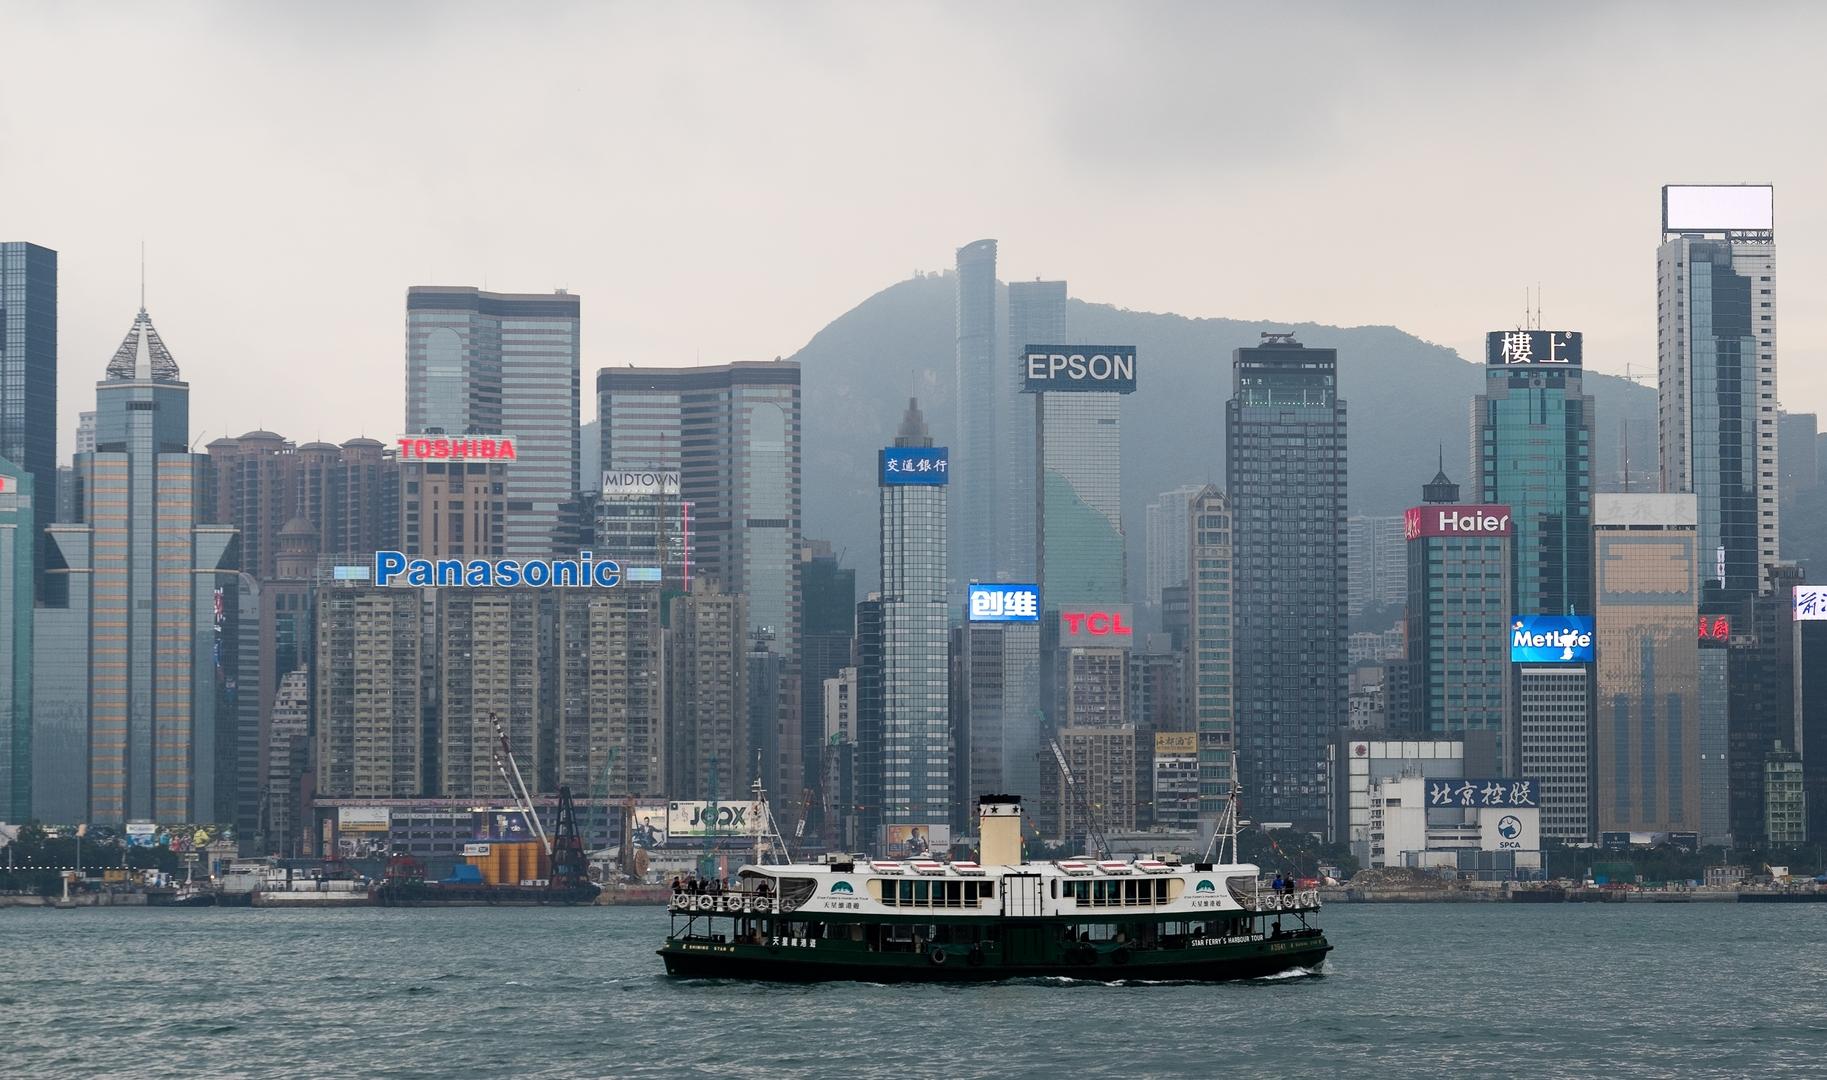 هونغ كونغ تعثرعن طفرة لفيروس كورونا لدى مواطن قادم من بلد عربي